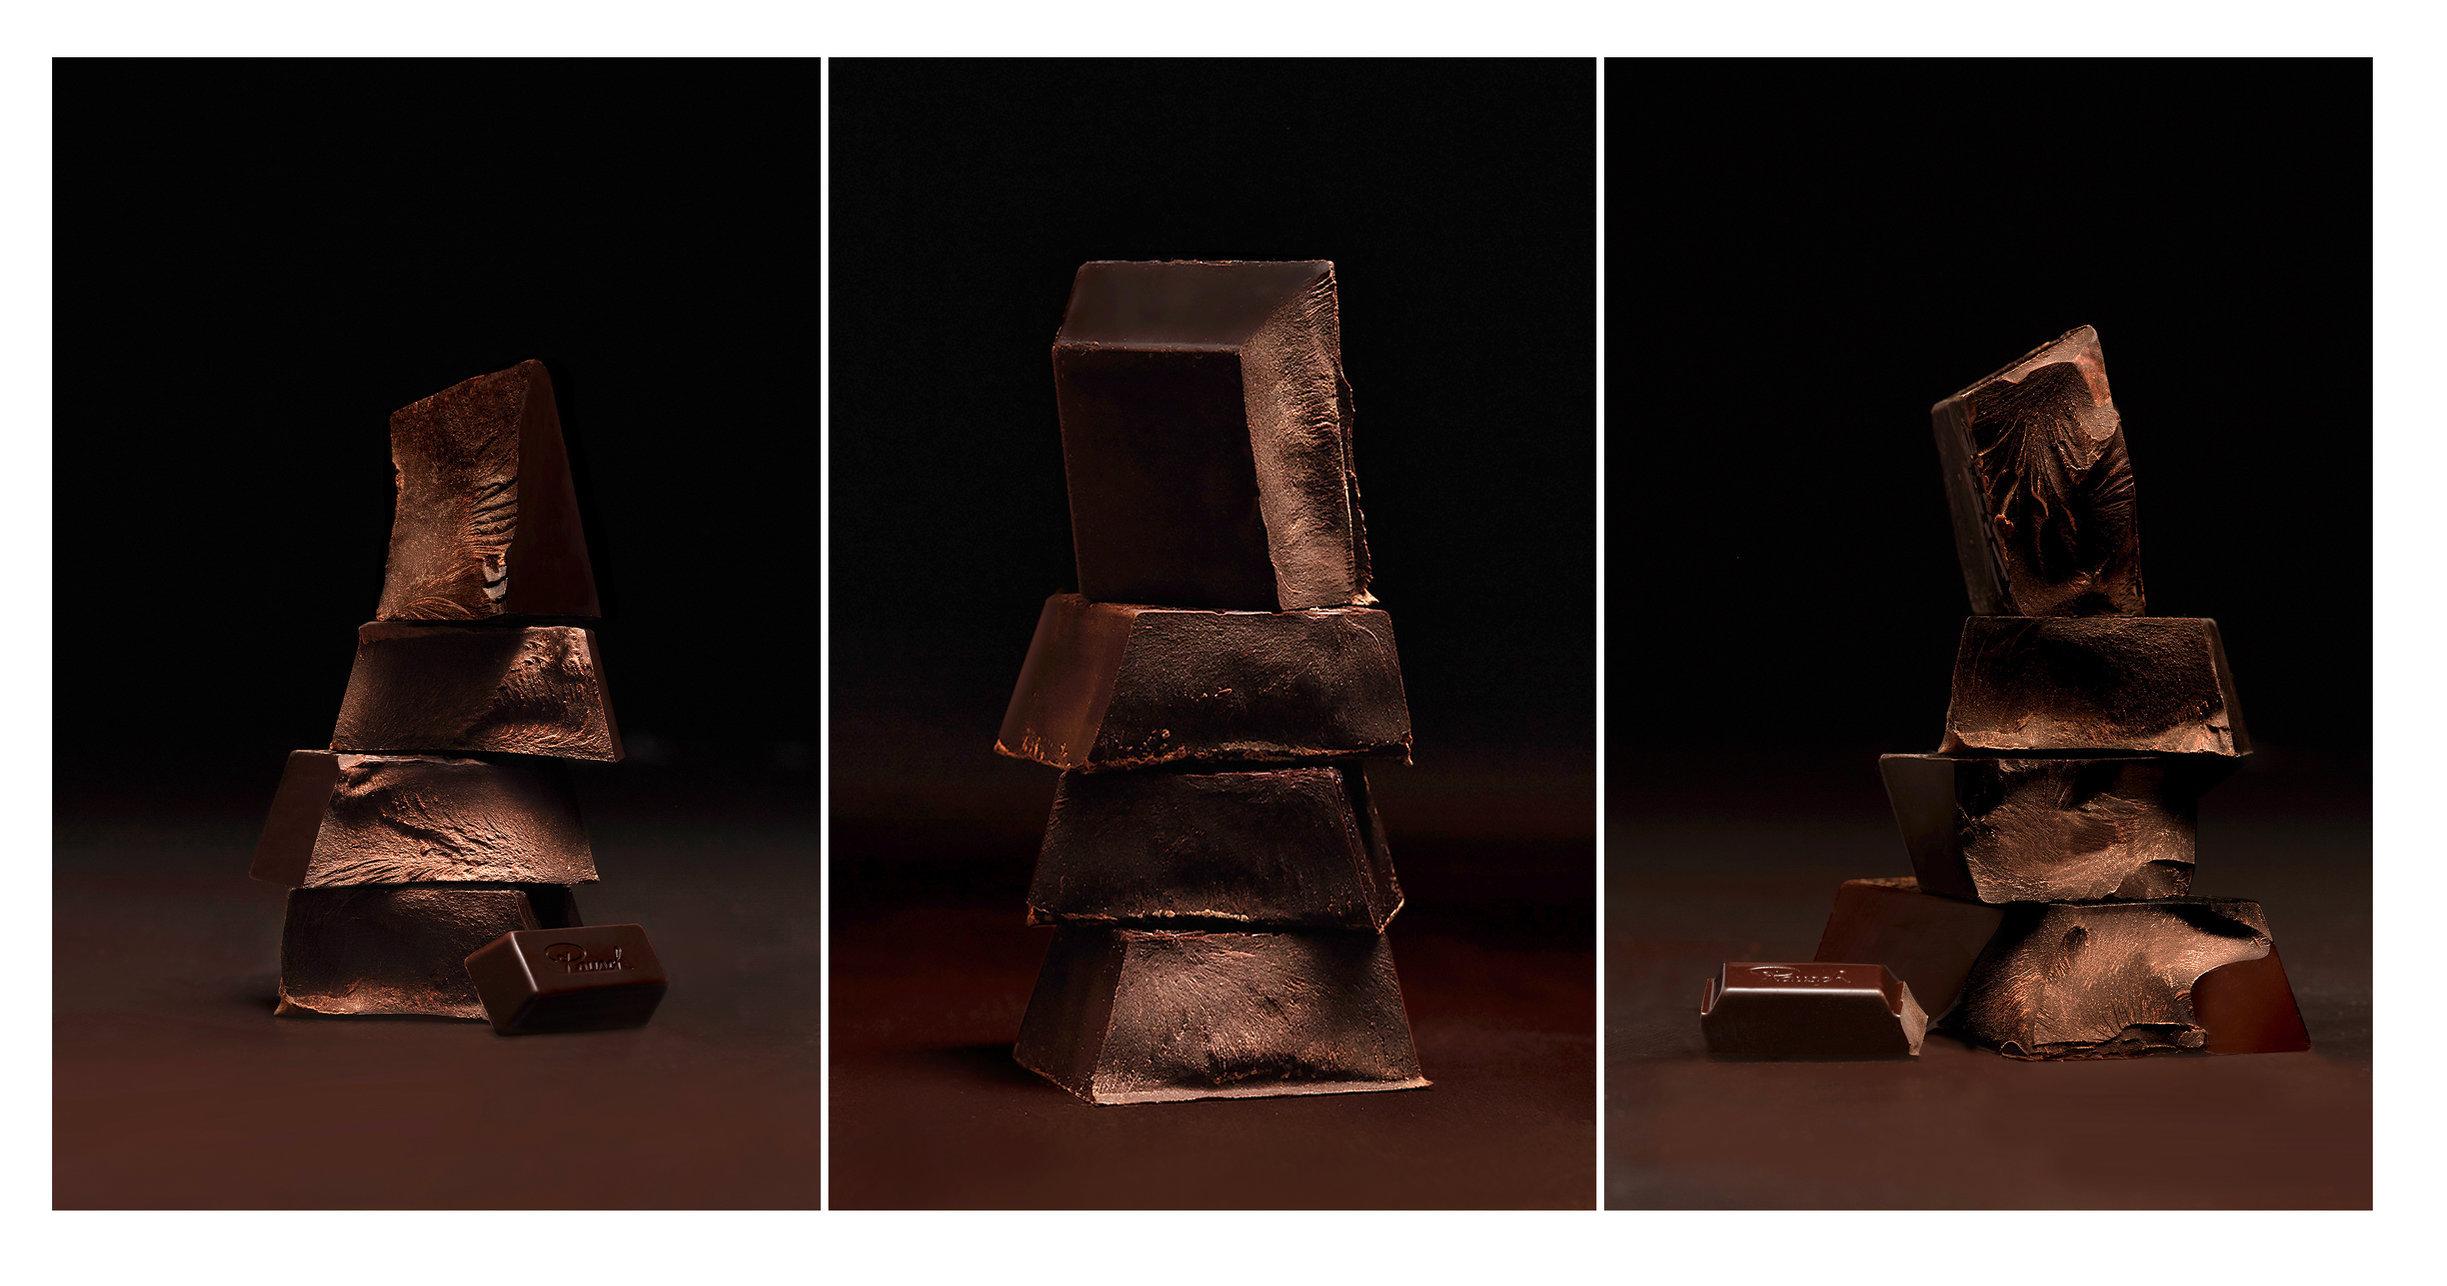 Schokolade Rausch.jpg